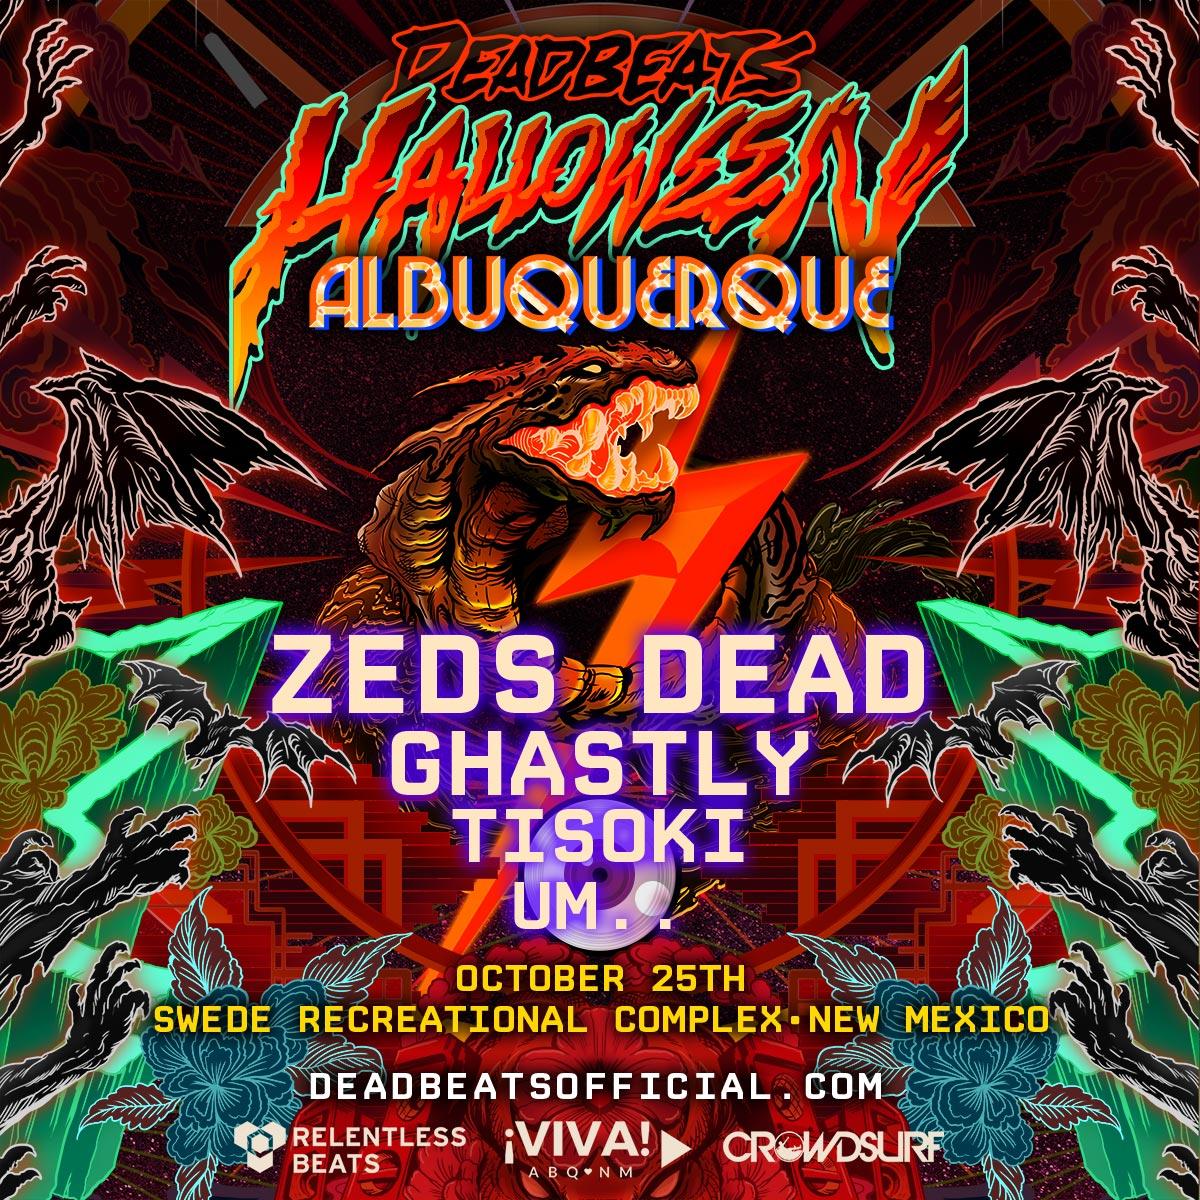 Flyer for Deadbeats Halloween - Albuquerque